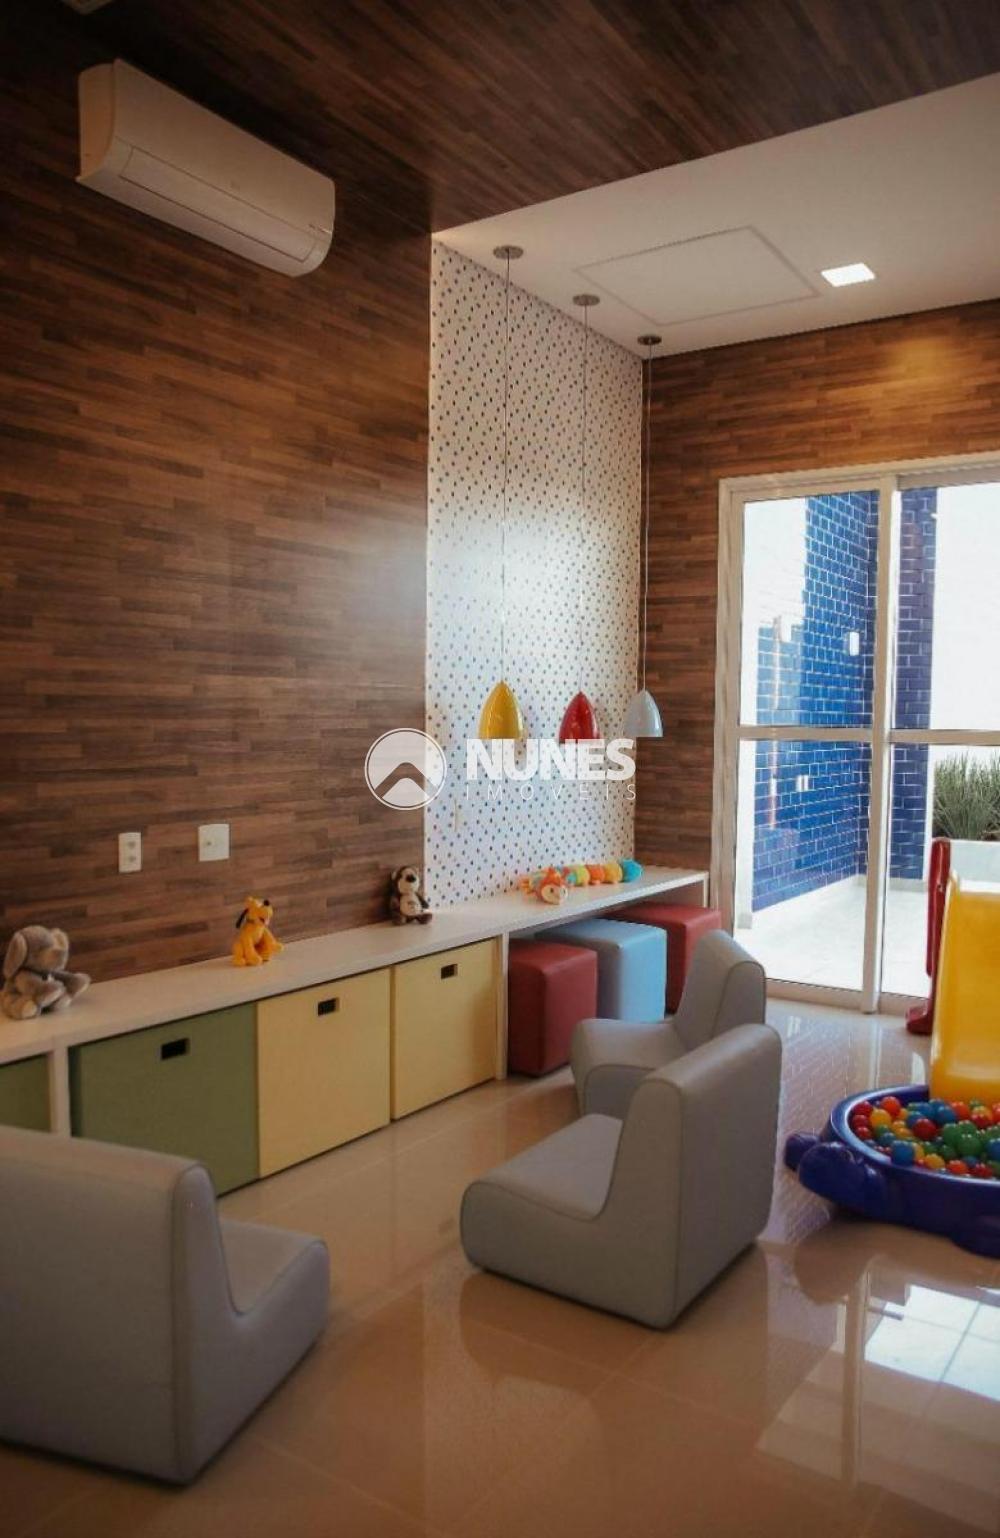 Comprar Apartamento / Padrão em Osasco R$ 725.000,00 - Foto 22